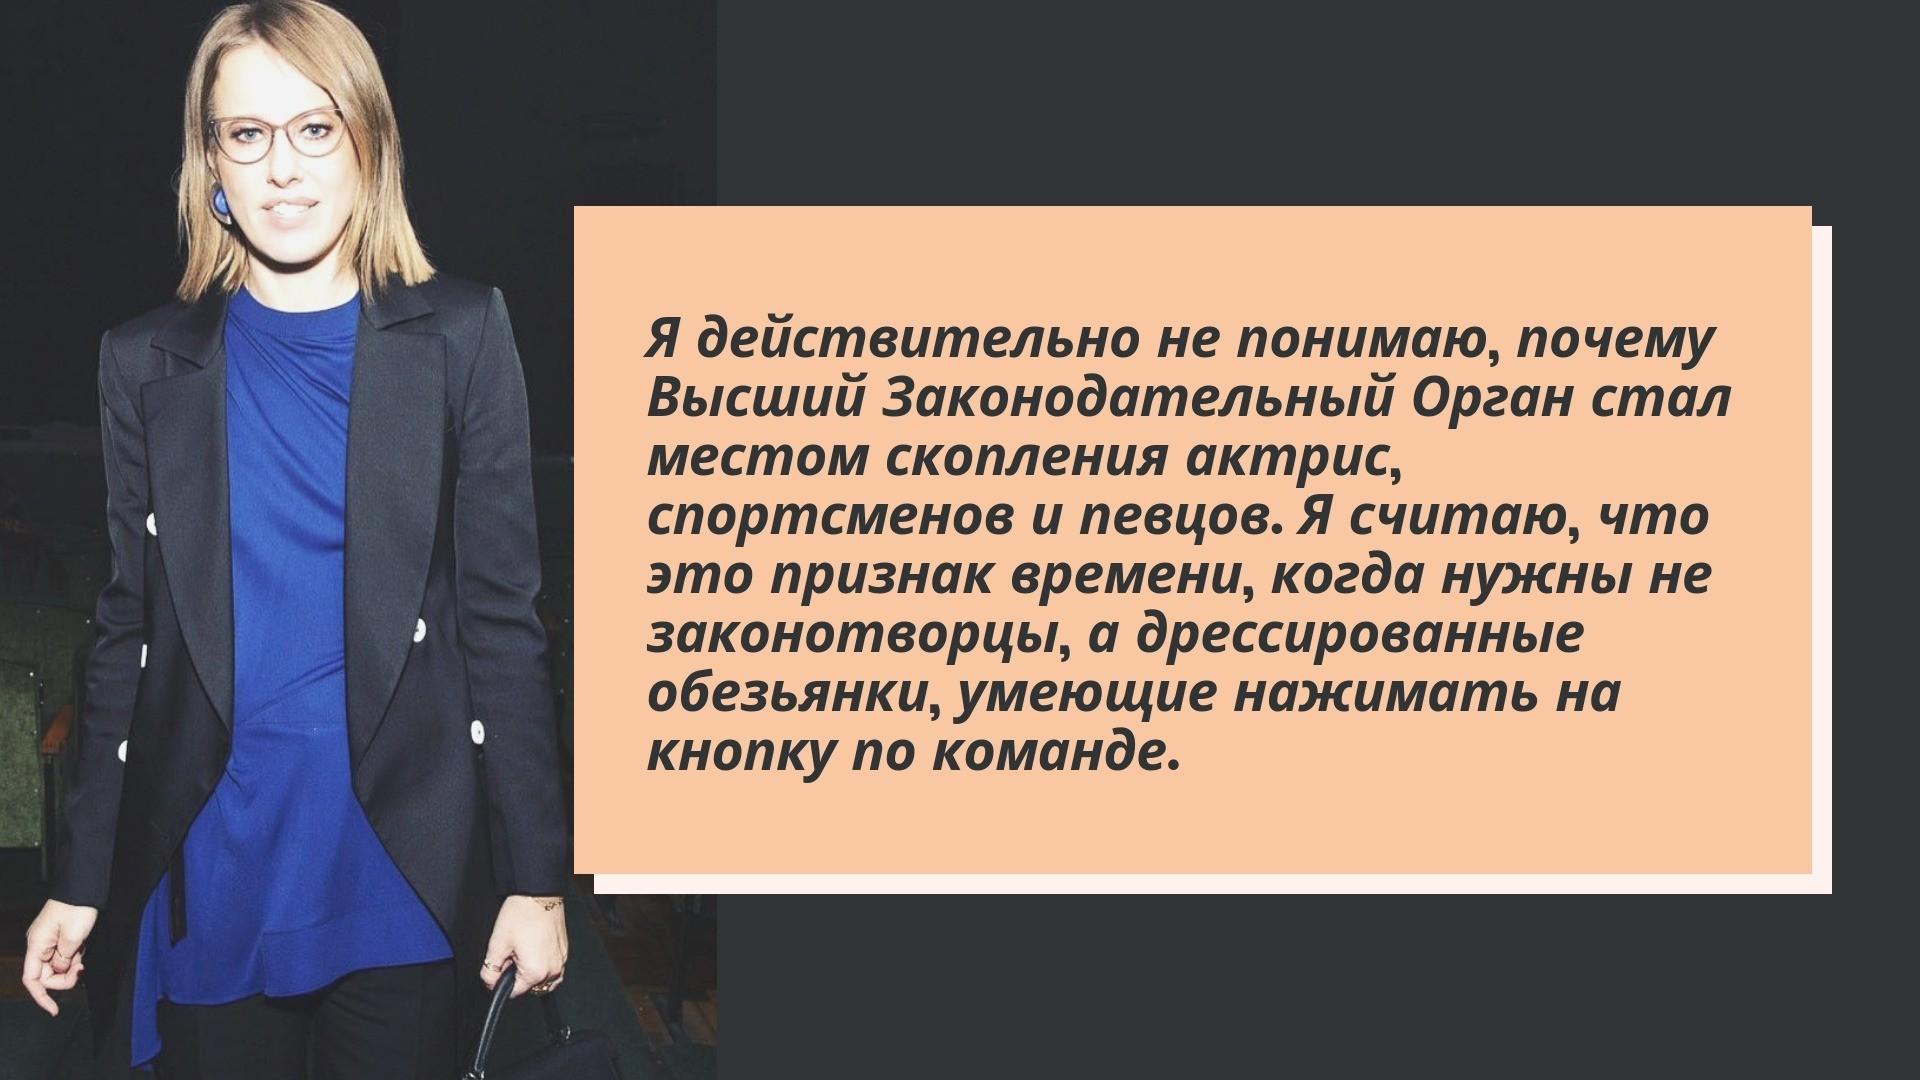 12 цитат Ксении Собчак, которые ей будут долго припоминать (нет, не про гаденышей)